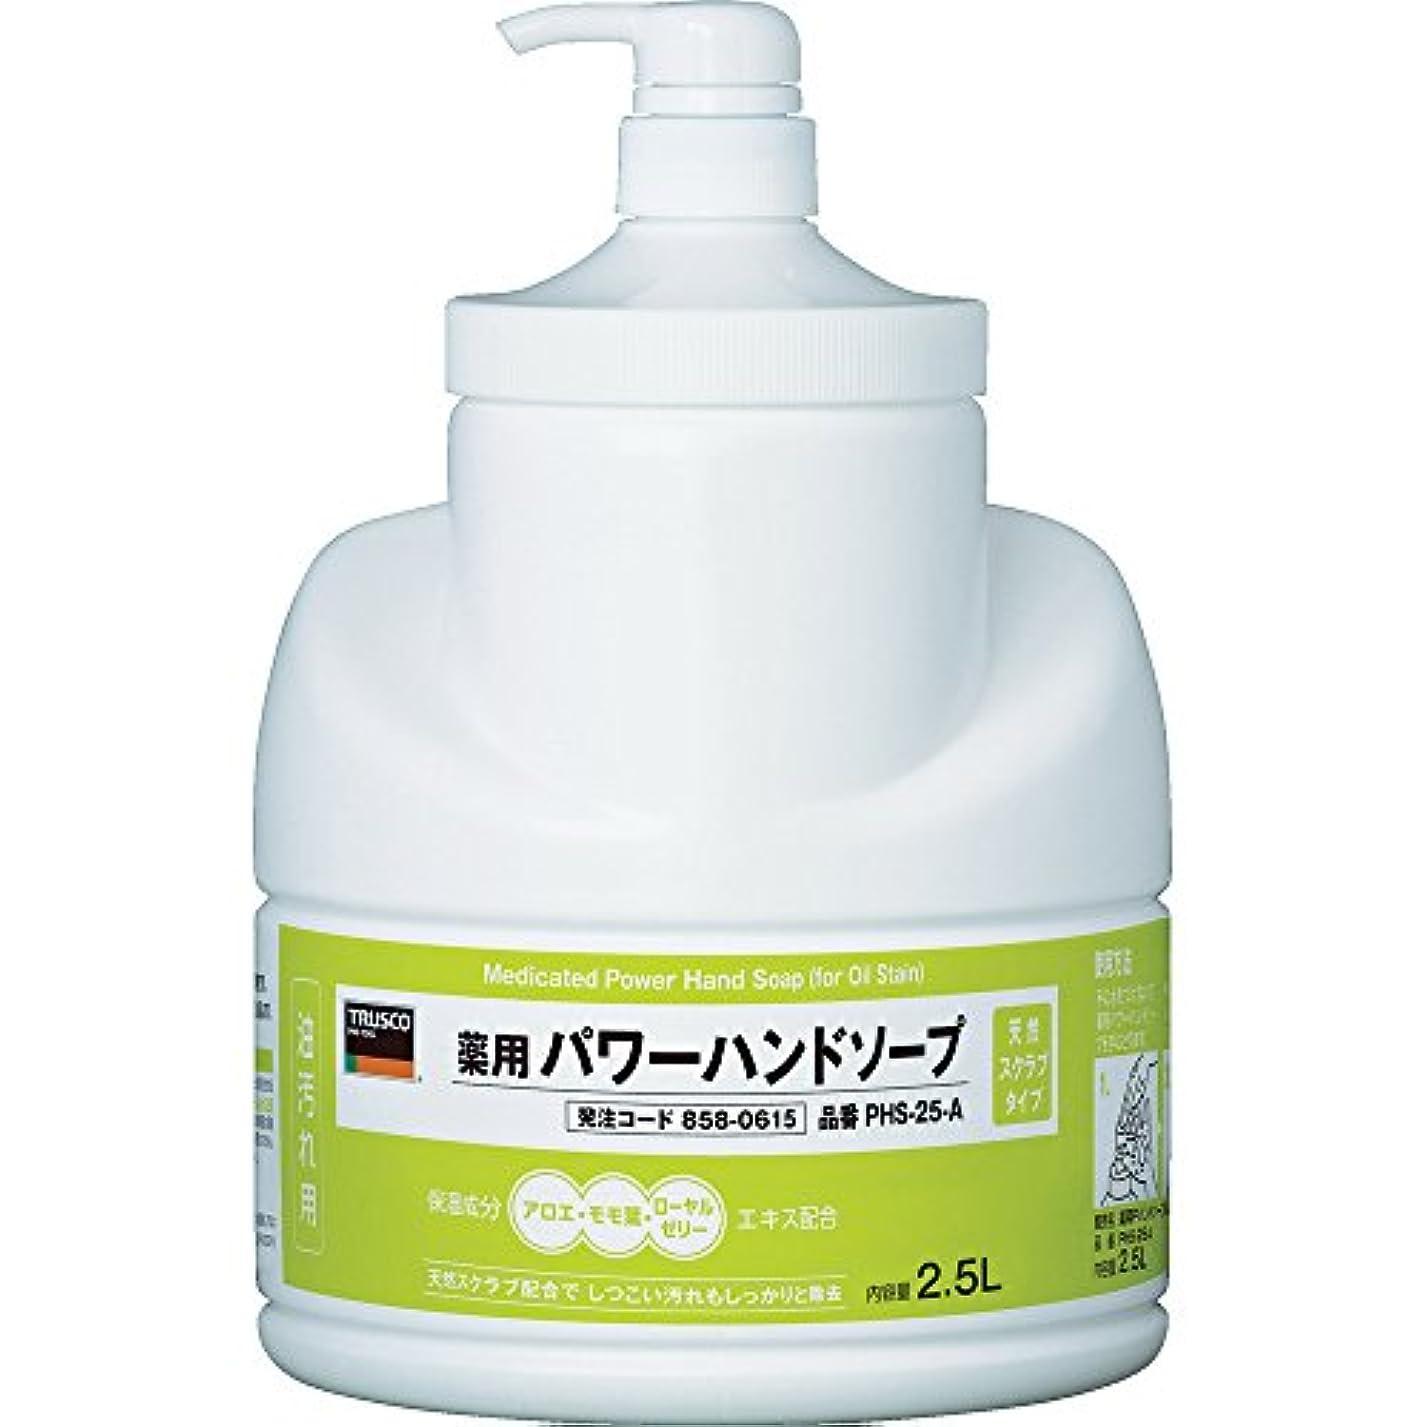 単に形状スリットTRUSCO(トラスコ) 薬用パワーハンドソープポンプボトル 2.5L PHS-25-A